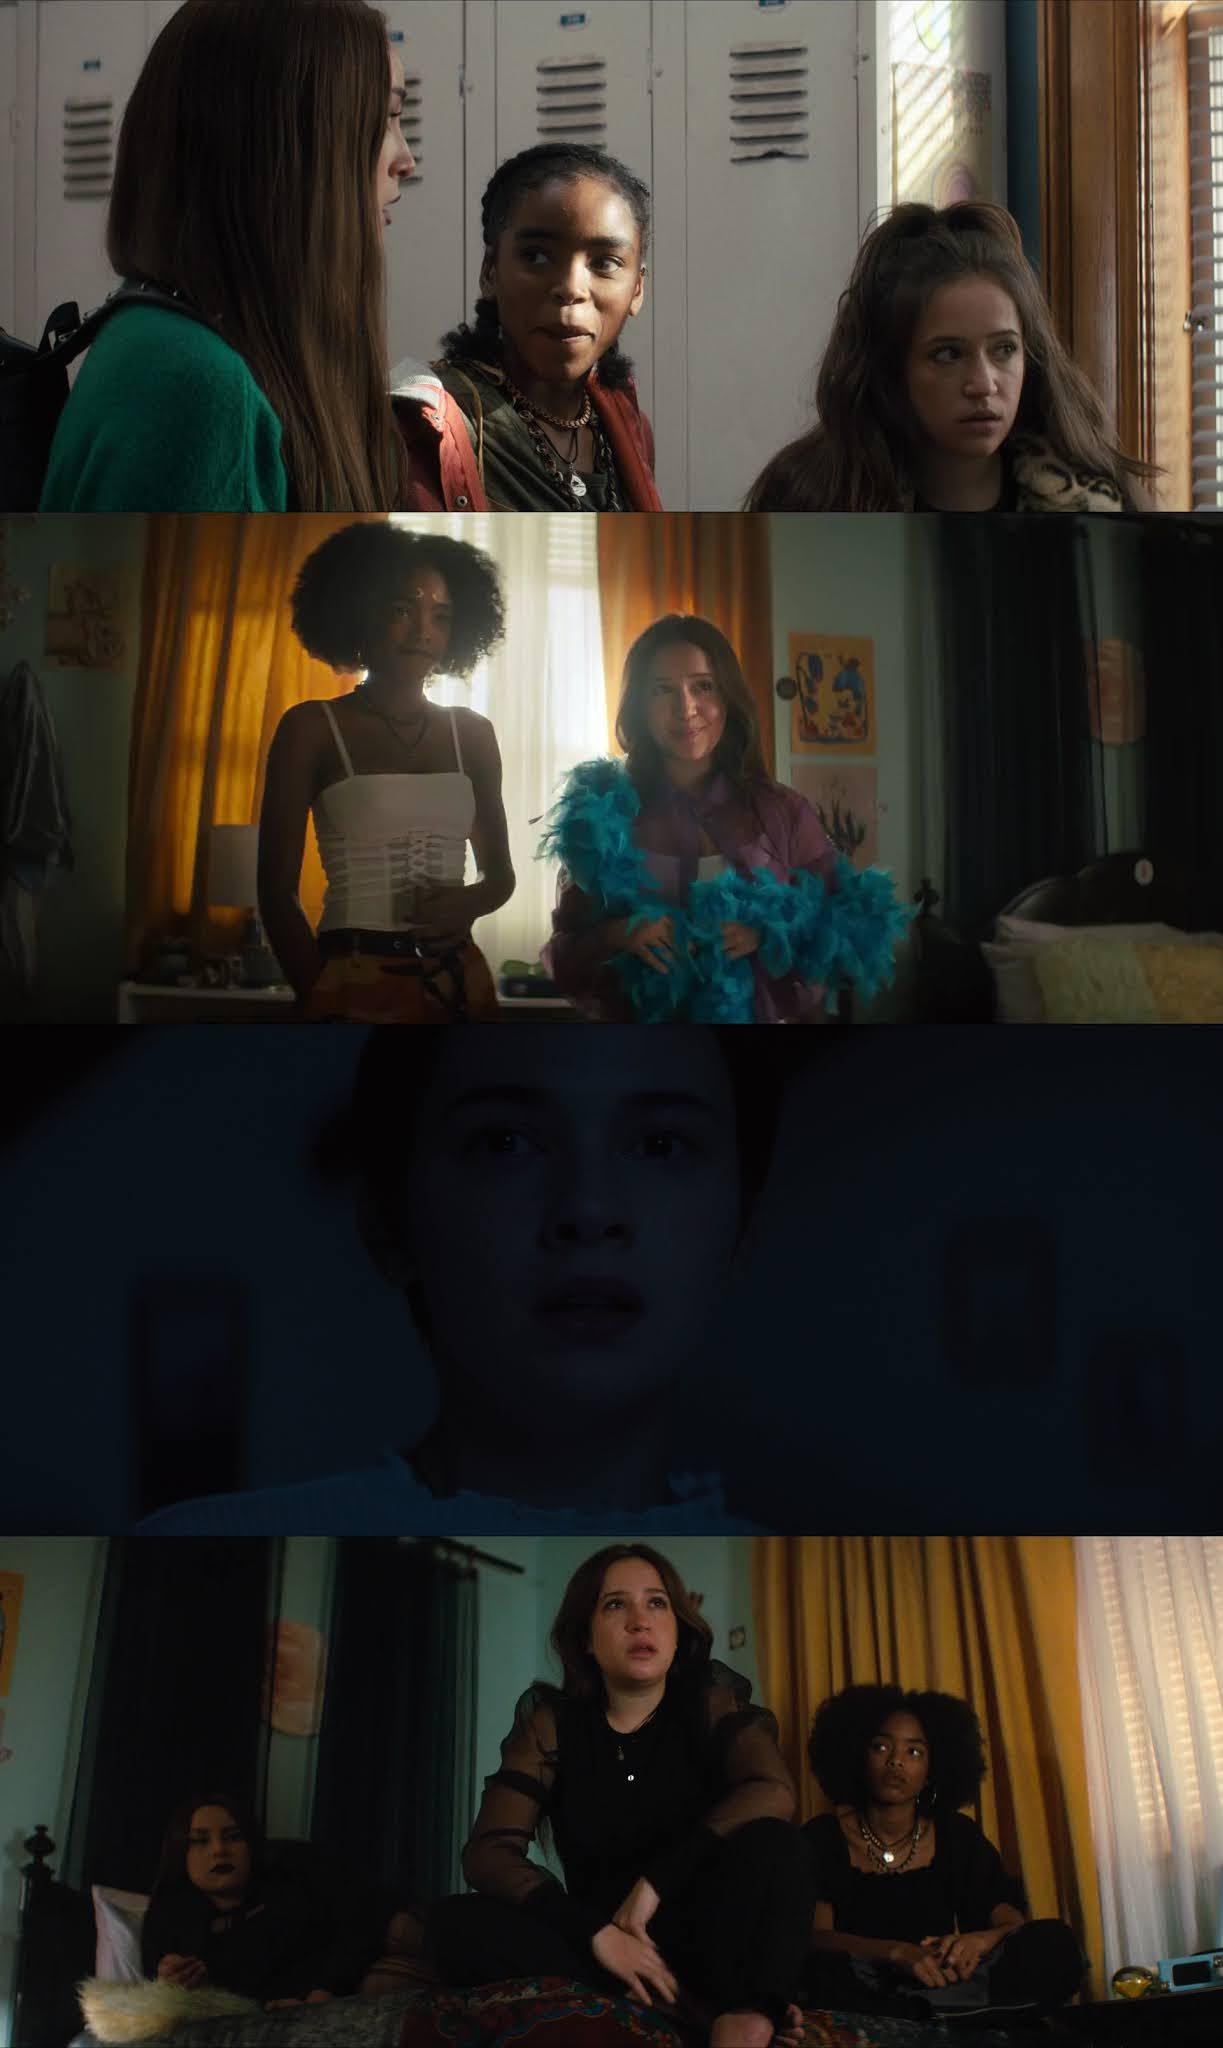 Jóvenes Brujas Nueva Hermandad (2020) HD 720p Latino